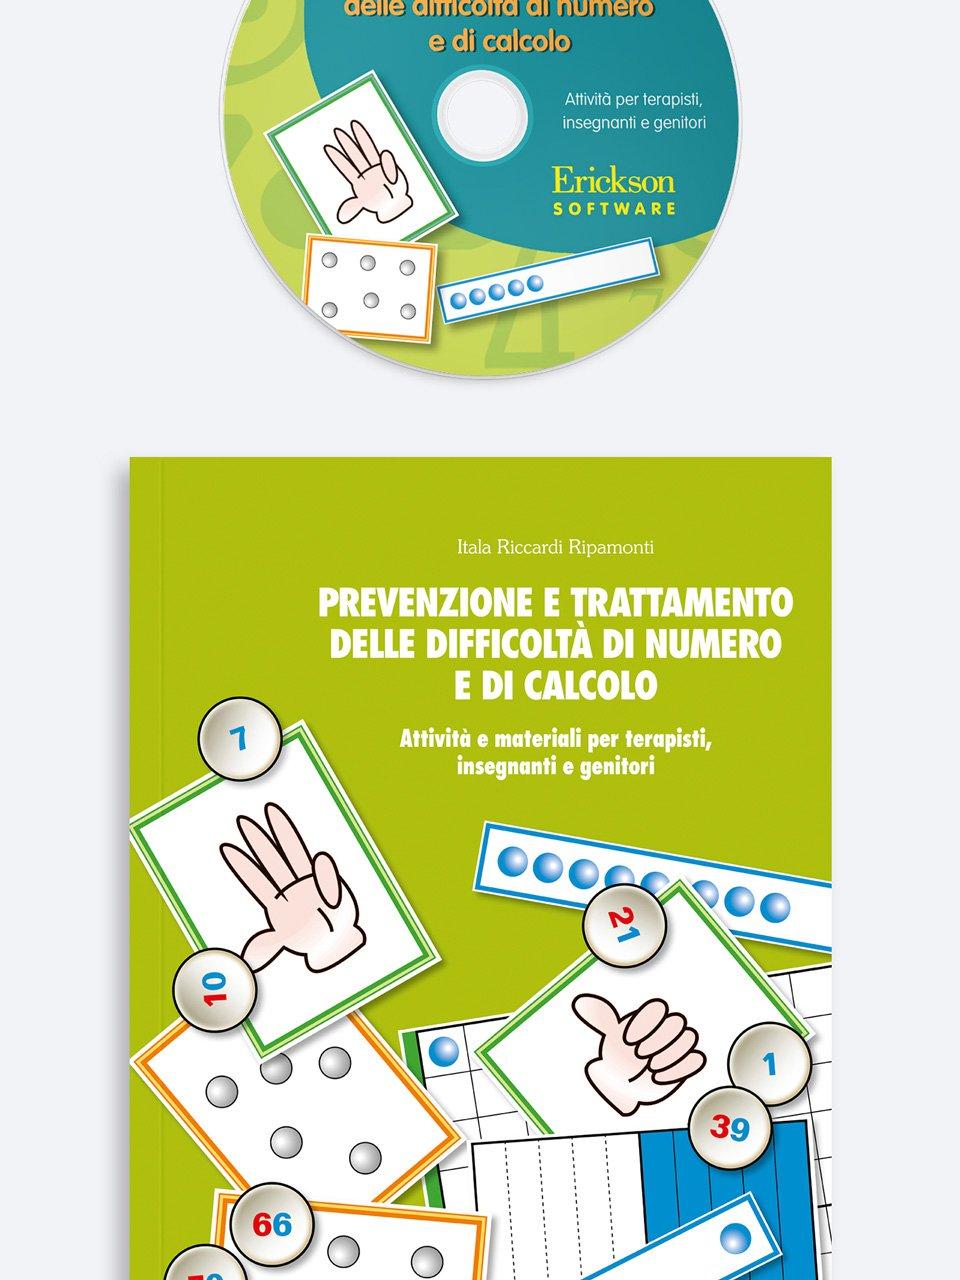 Prevenzione e trattamento delle difficoltà di numero e di calcolo - Tabelline e difficoltà aritmetiche - Libri - App e software - Erickson 2